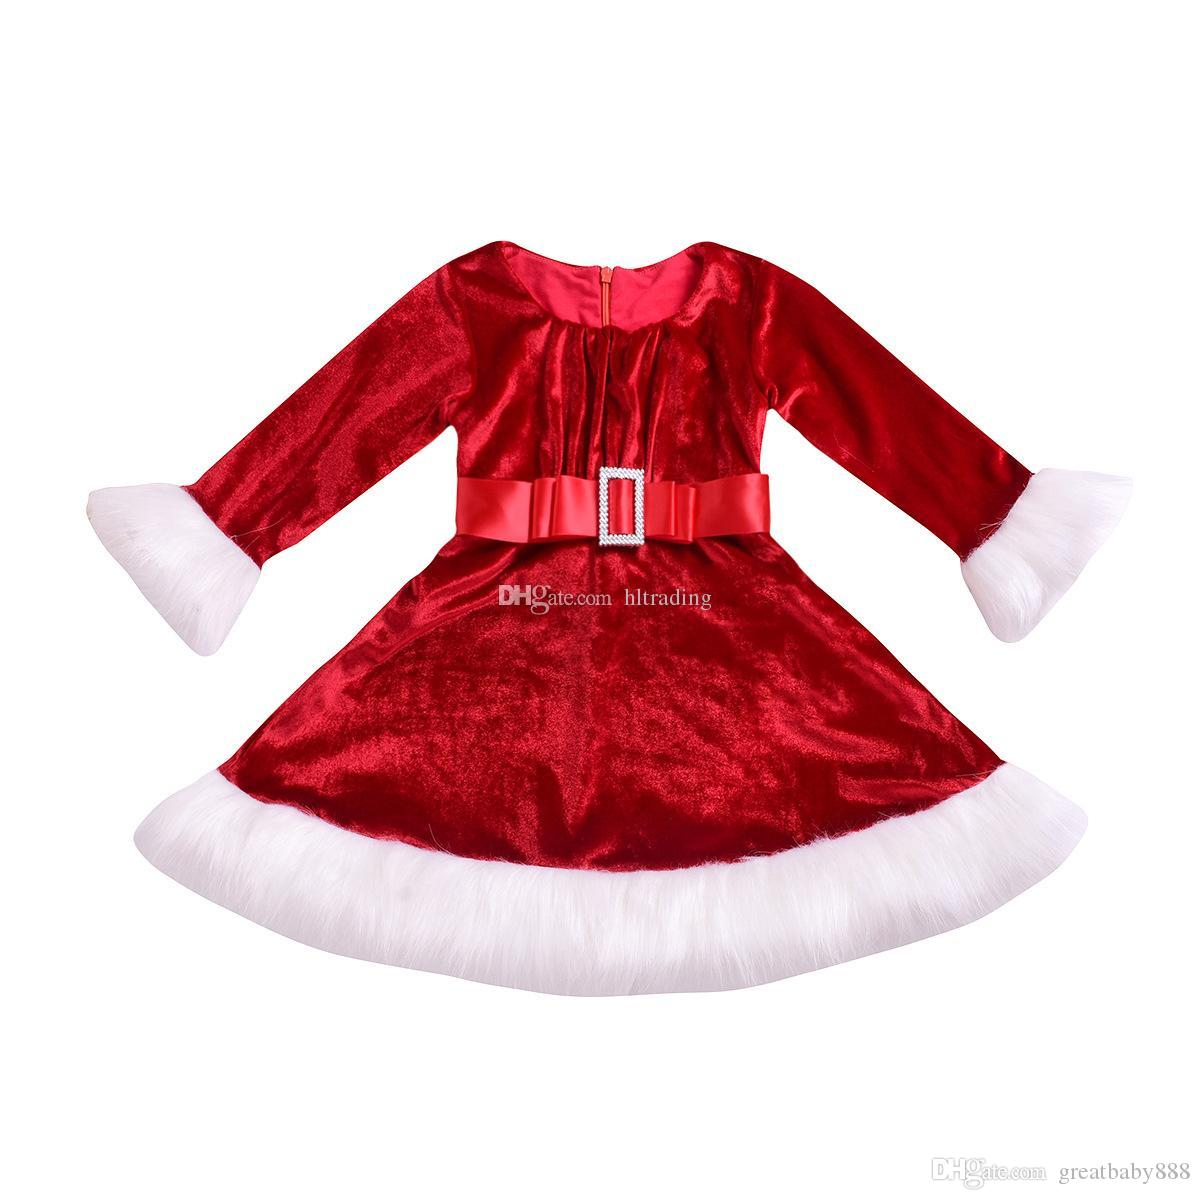 abfafc9e2d1 Acheter Bébé Filles Noël Or Robe De Velours Enfants Robe De Noël Arc  Ceinture Robes De Princesse Printemps Automne Boutique De Mode Pour Enfants  Vêtements ...